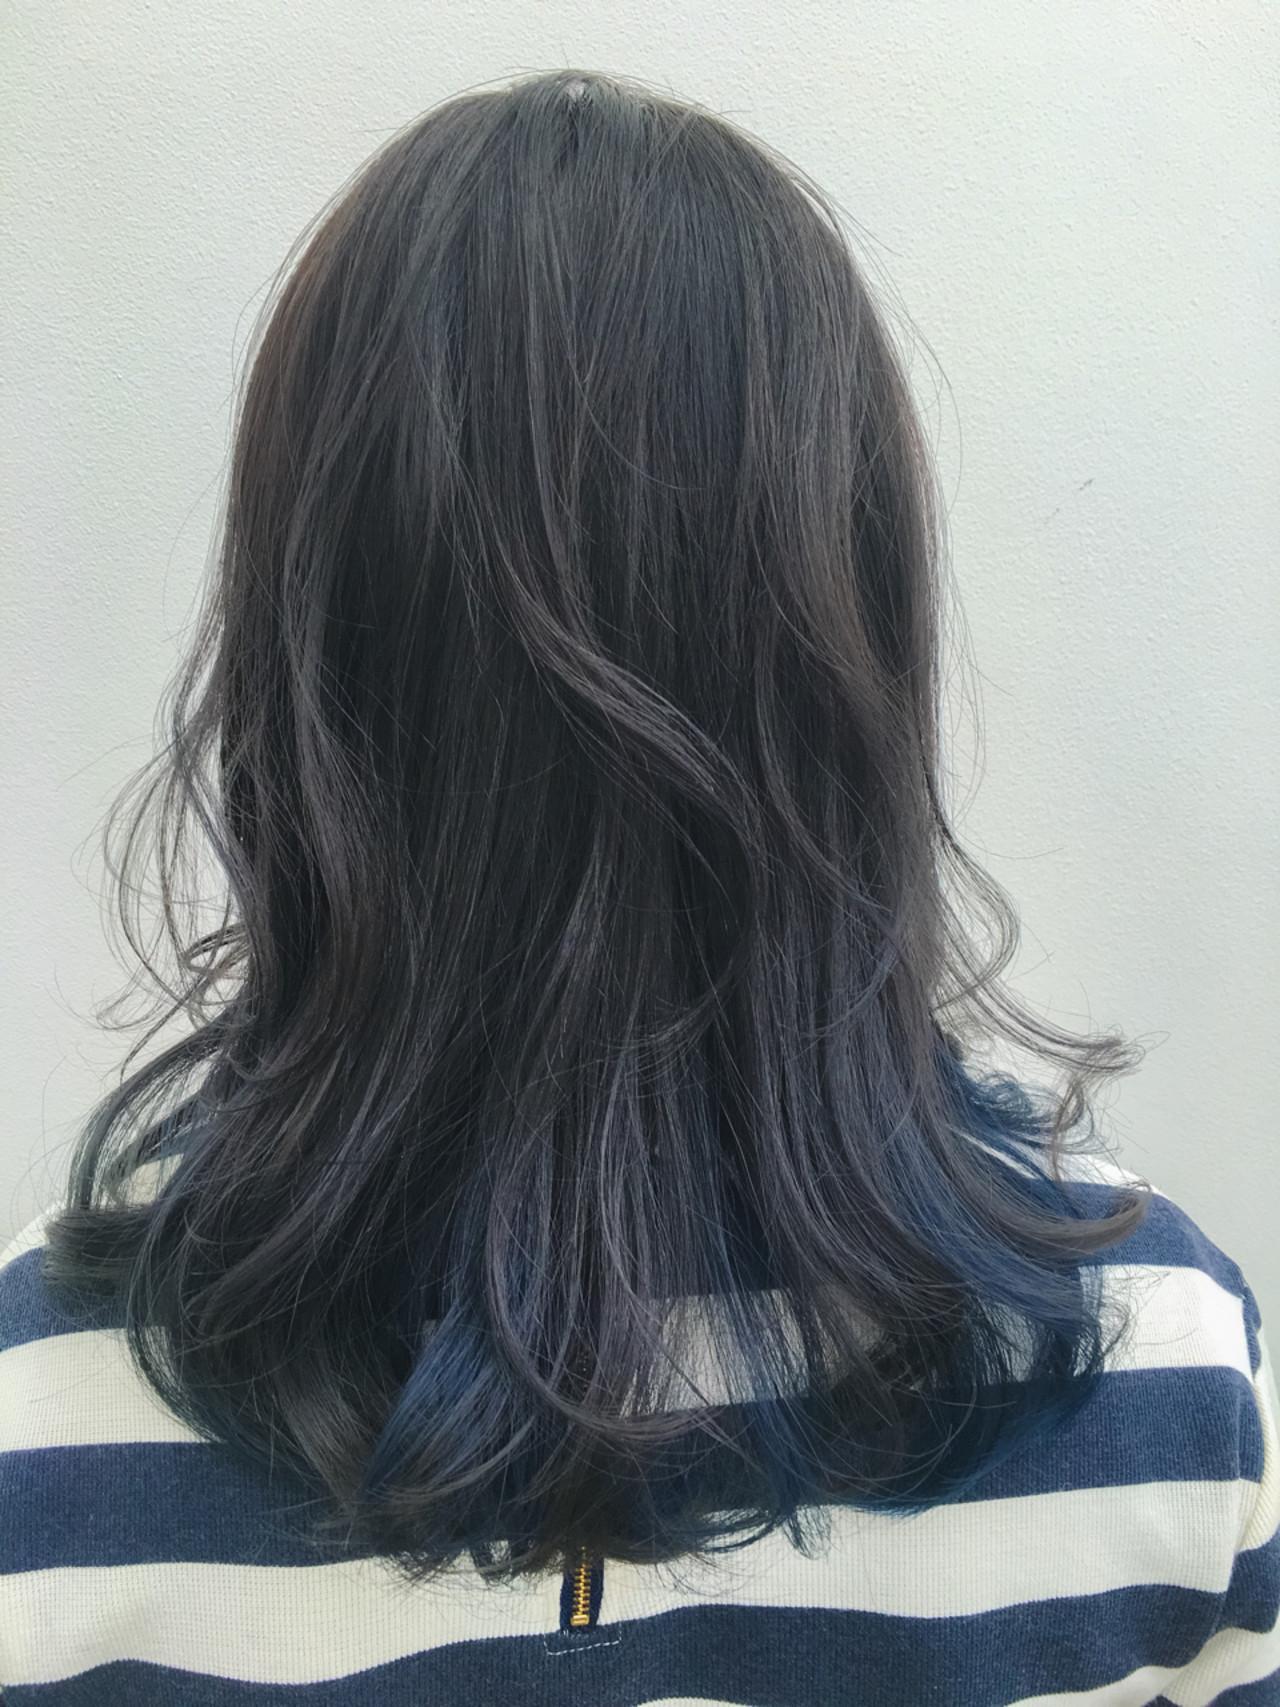 ぶれないオシャレを楽しみたい!ハイセンスな派手髪カタログ。 仲澤 武 / tornado